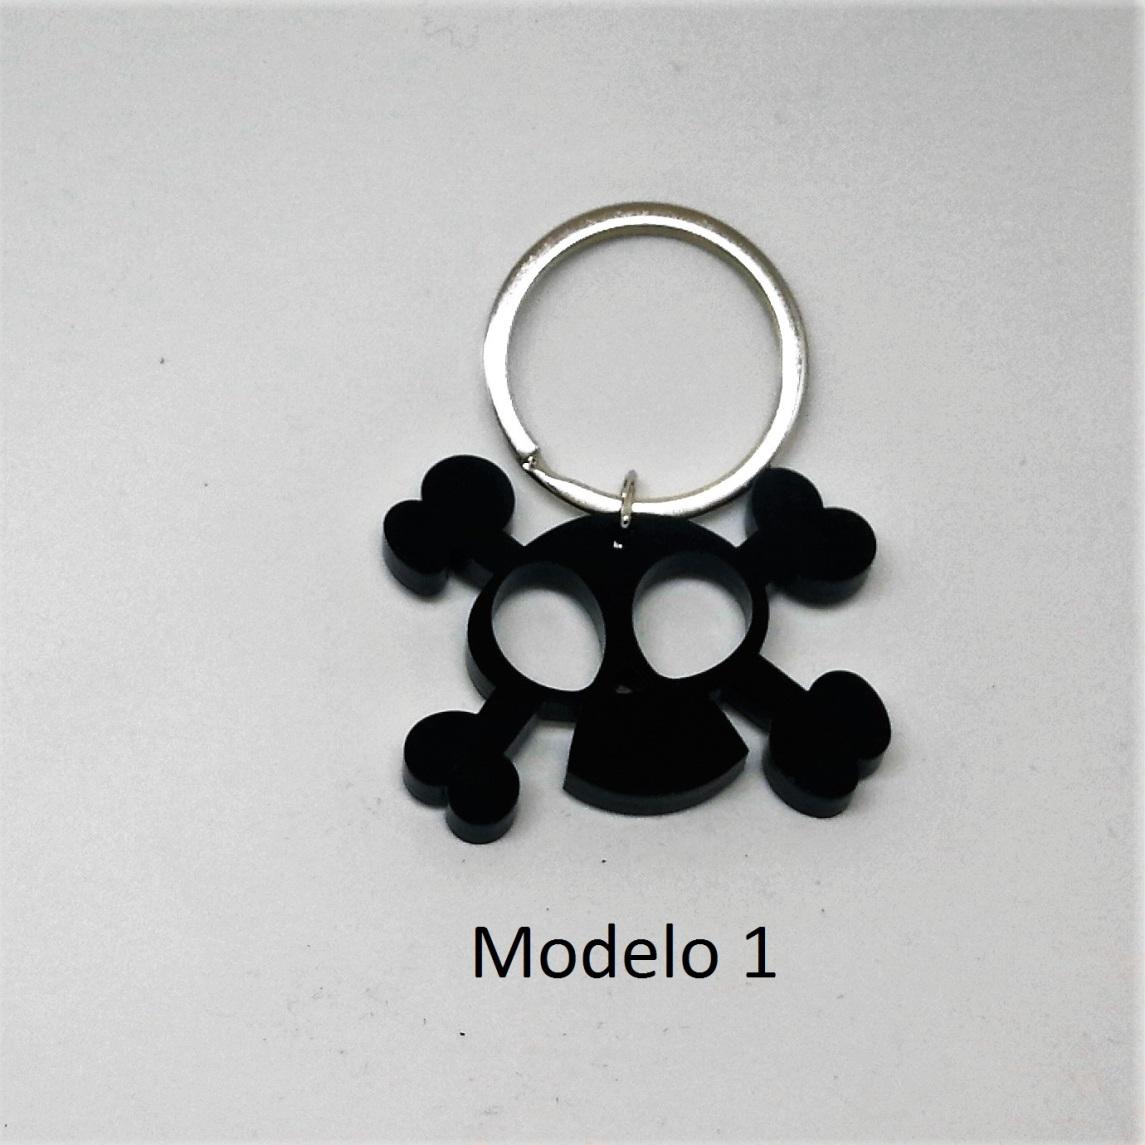 Llavero calavera metacrilato (modelo 1)